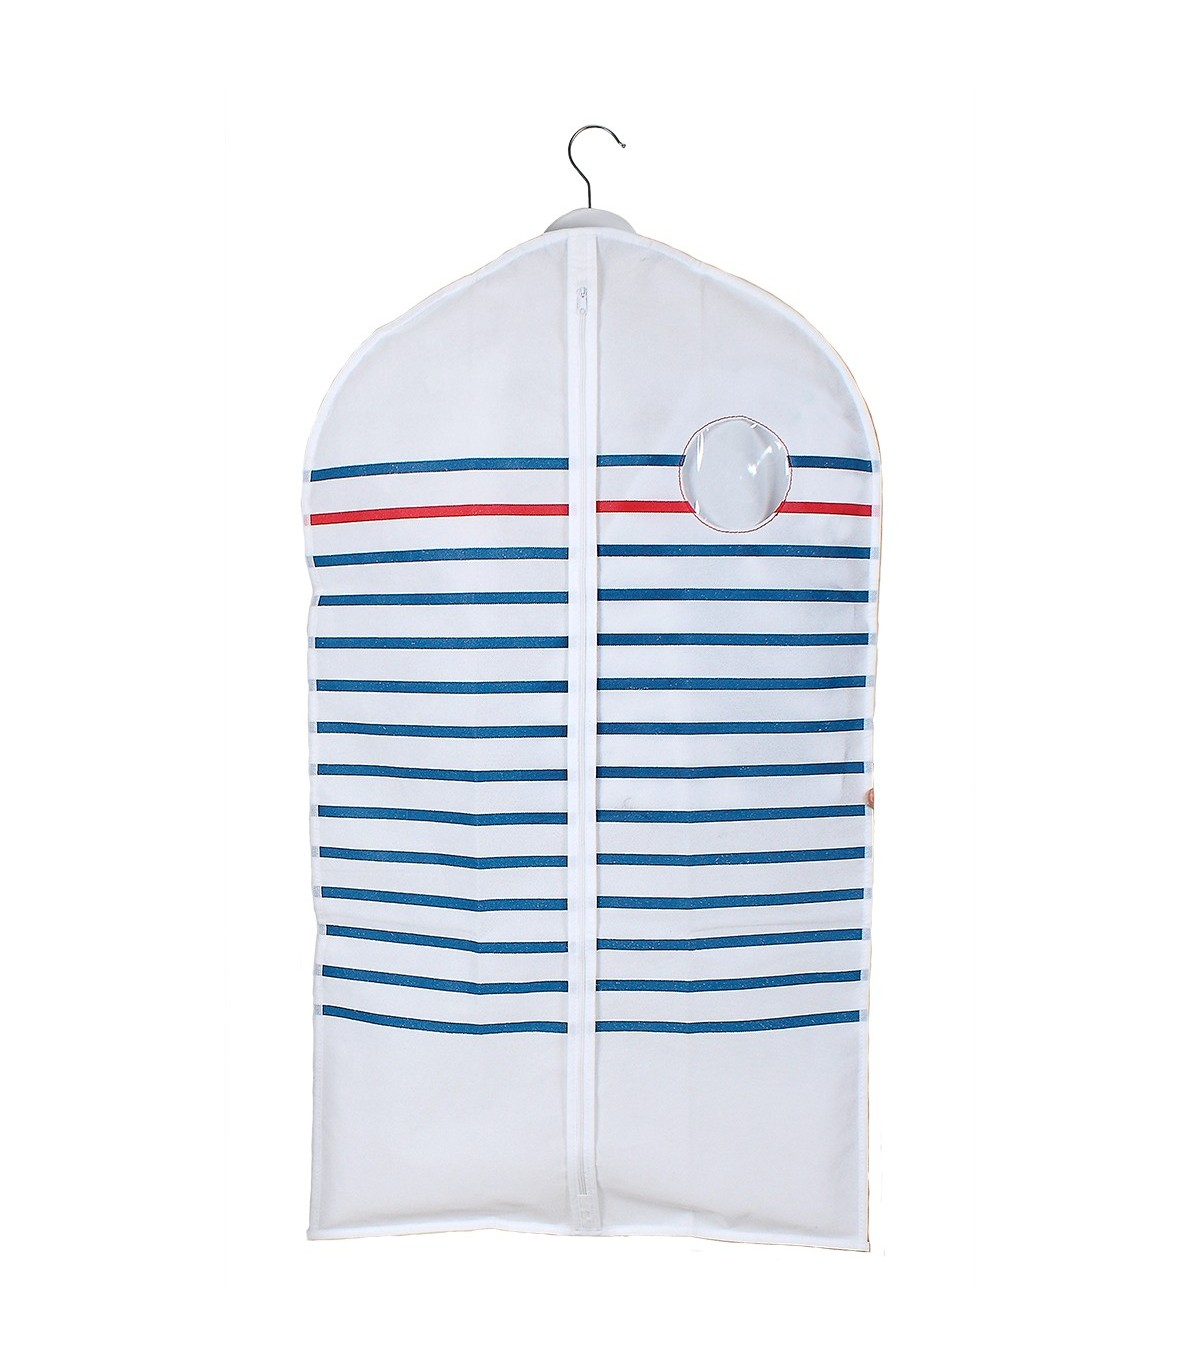 Housse pour vêtements à rayures - lot de 2 - Blanc